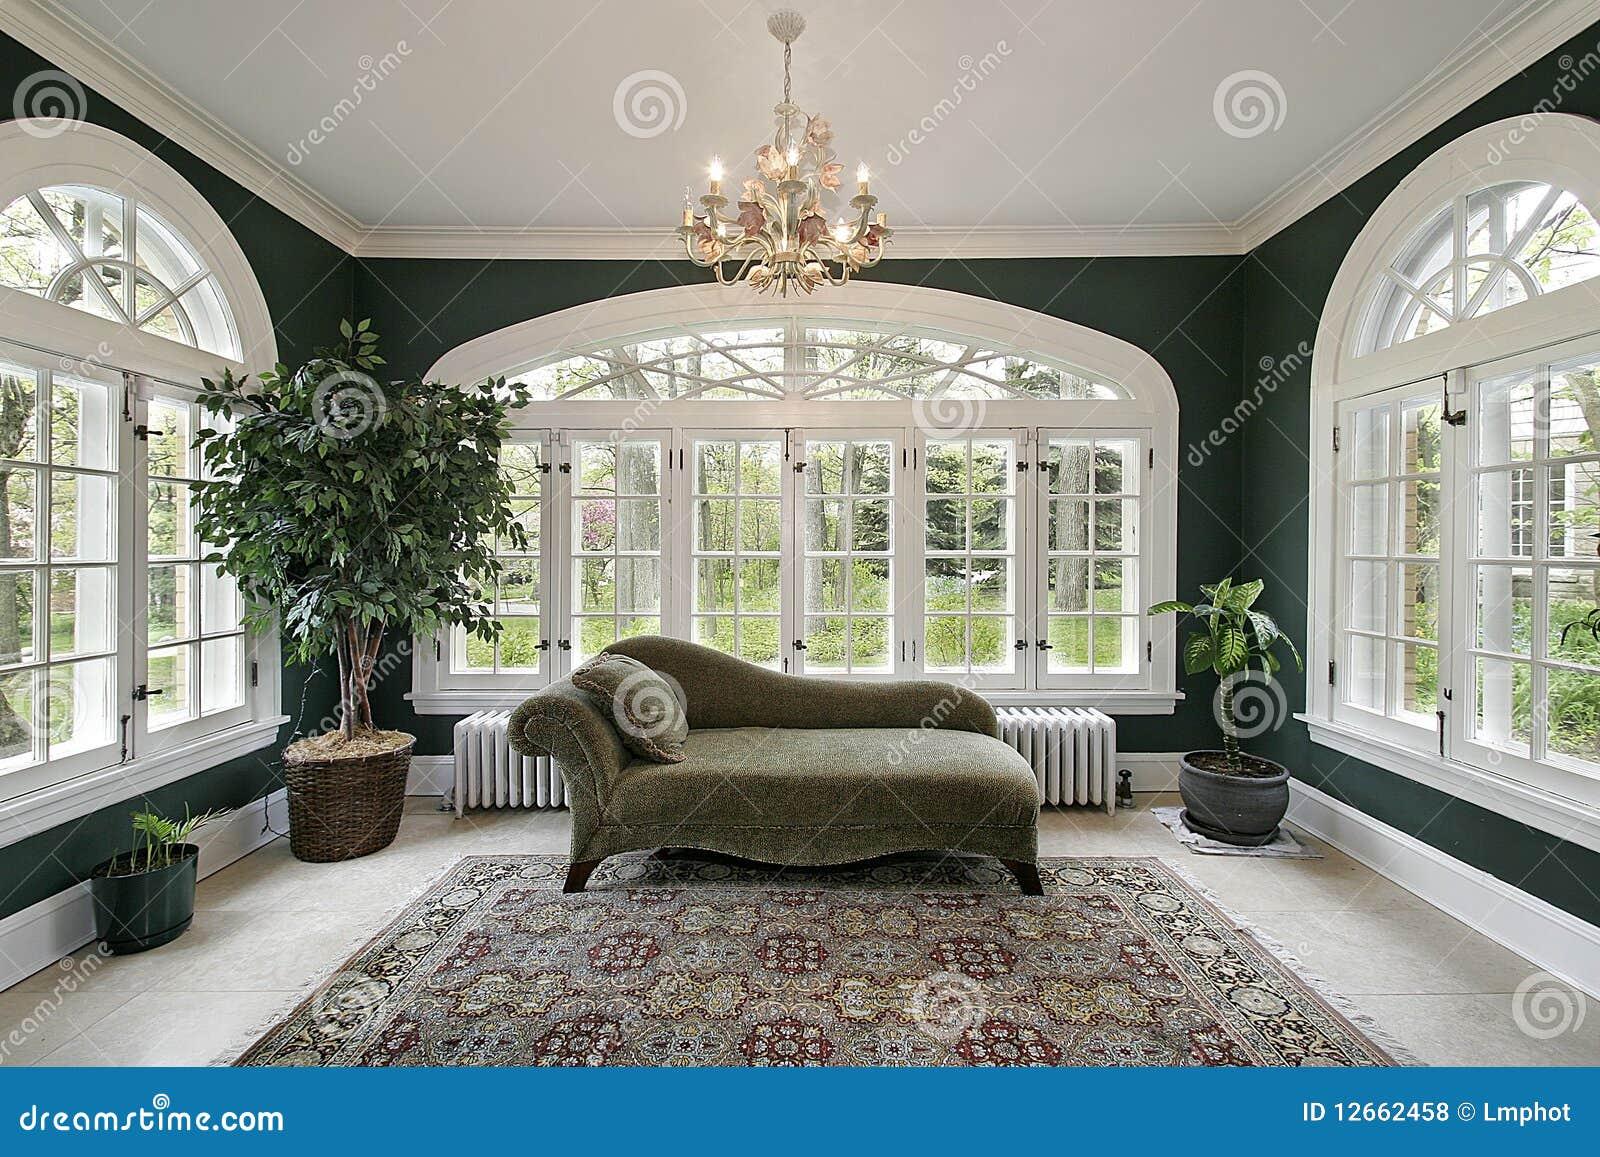 pi ce de sun dans la maison de luxe photo stock image du r el architecture 12662458. Black Bedroom Furniture Sets. Home Design Ideas